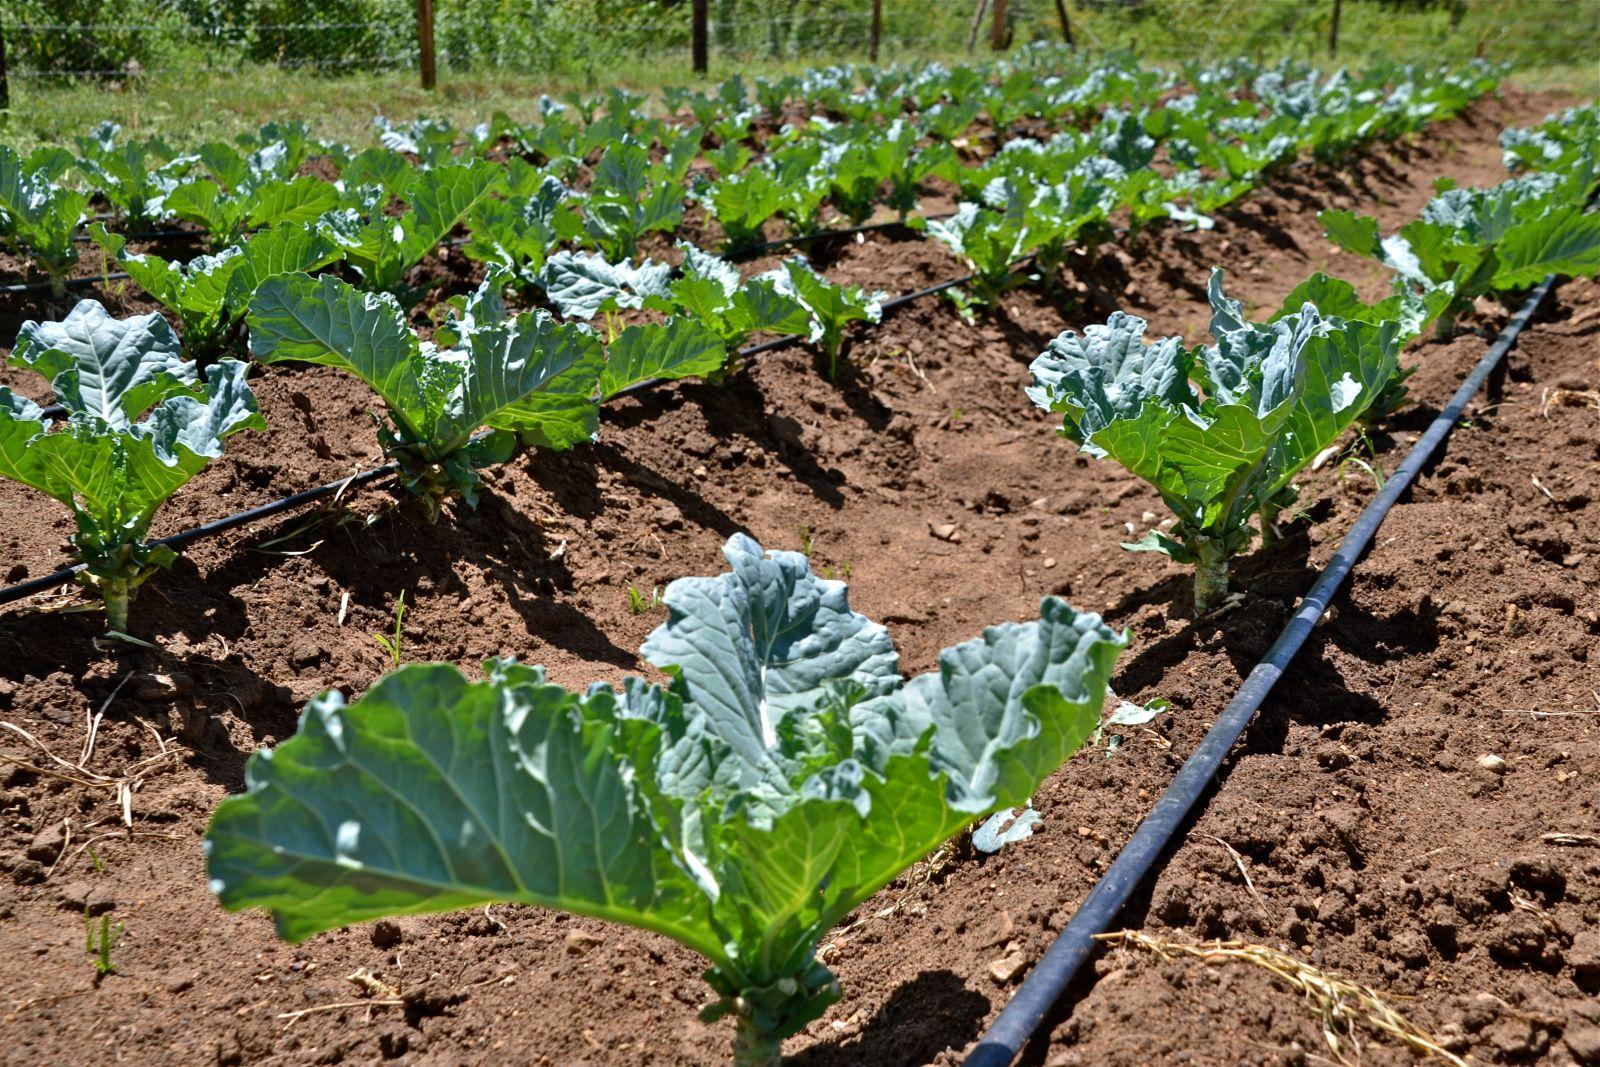 El uso de agua ozonizada en la agricultura incrementa hasta un 40% la productividad